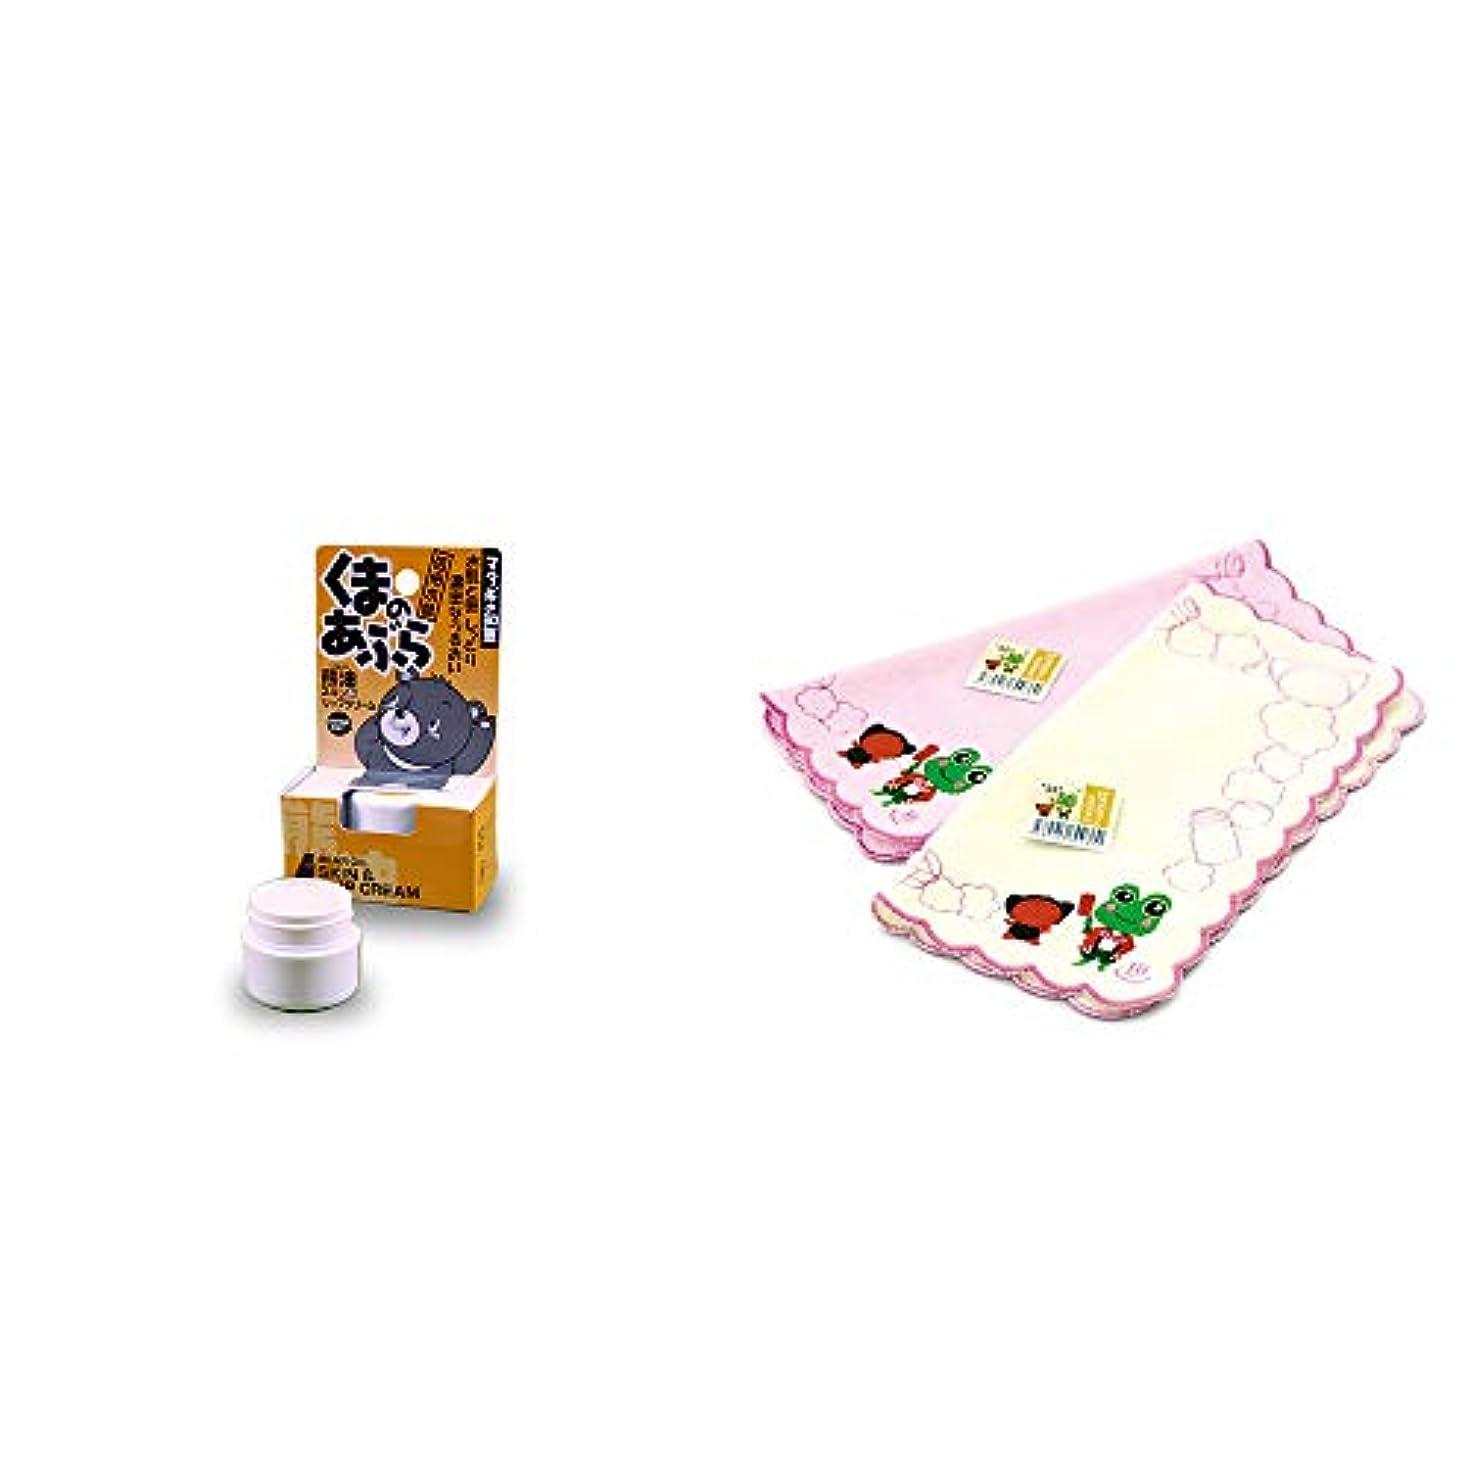 アラビア語電池継続中[2点セット] 信州木曽 くまのあぶら 熊油スキン&リップクリーム(9g)?下呂温泉限定 さるぼぼ&げろぐるくん ふわふわタオルハンカチ【ピンク】